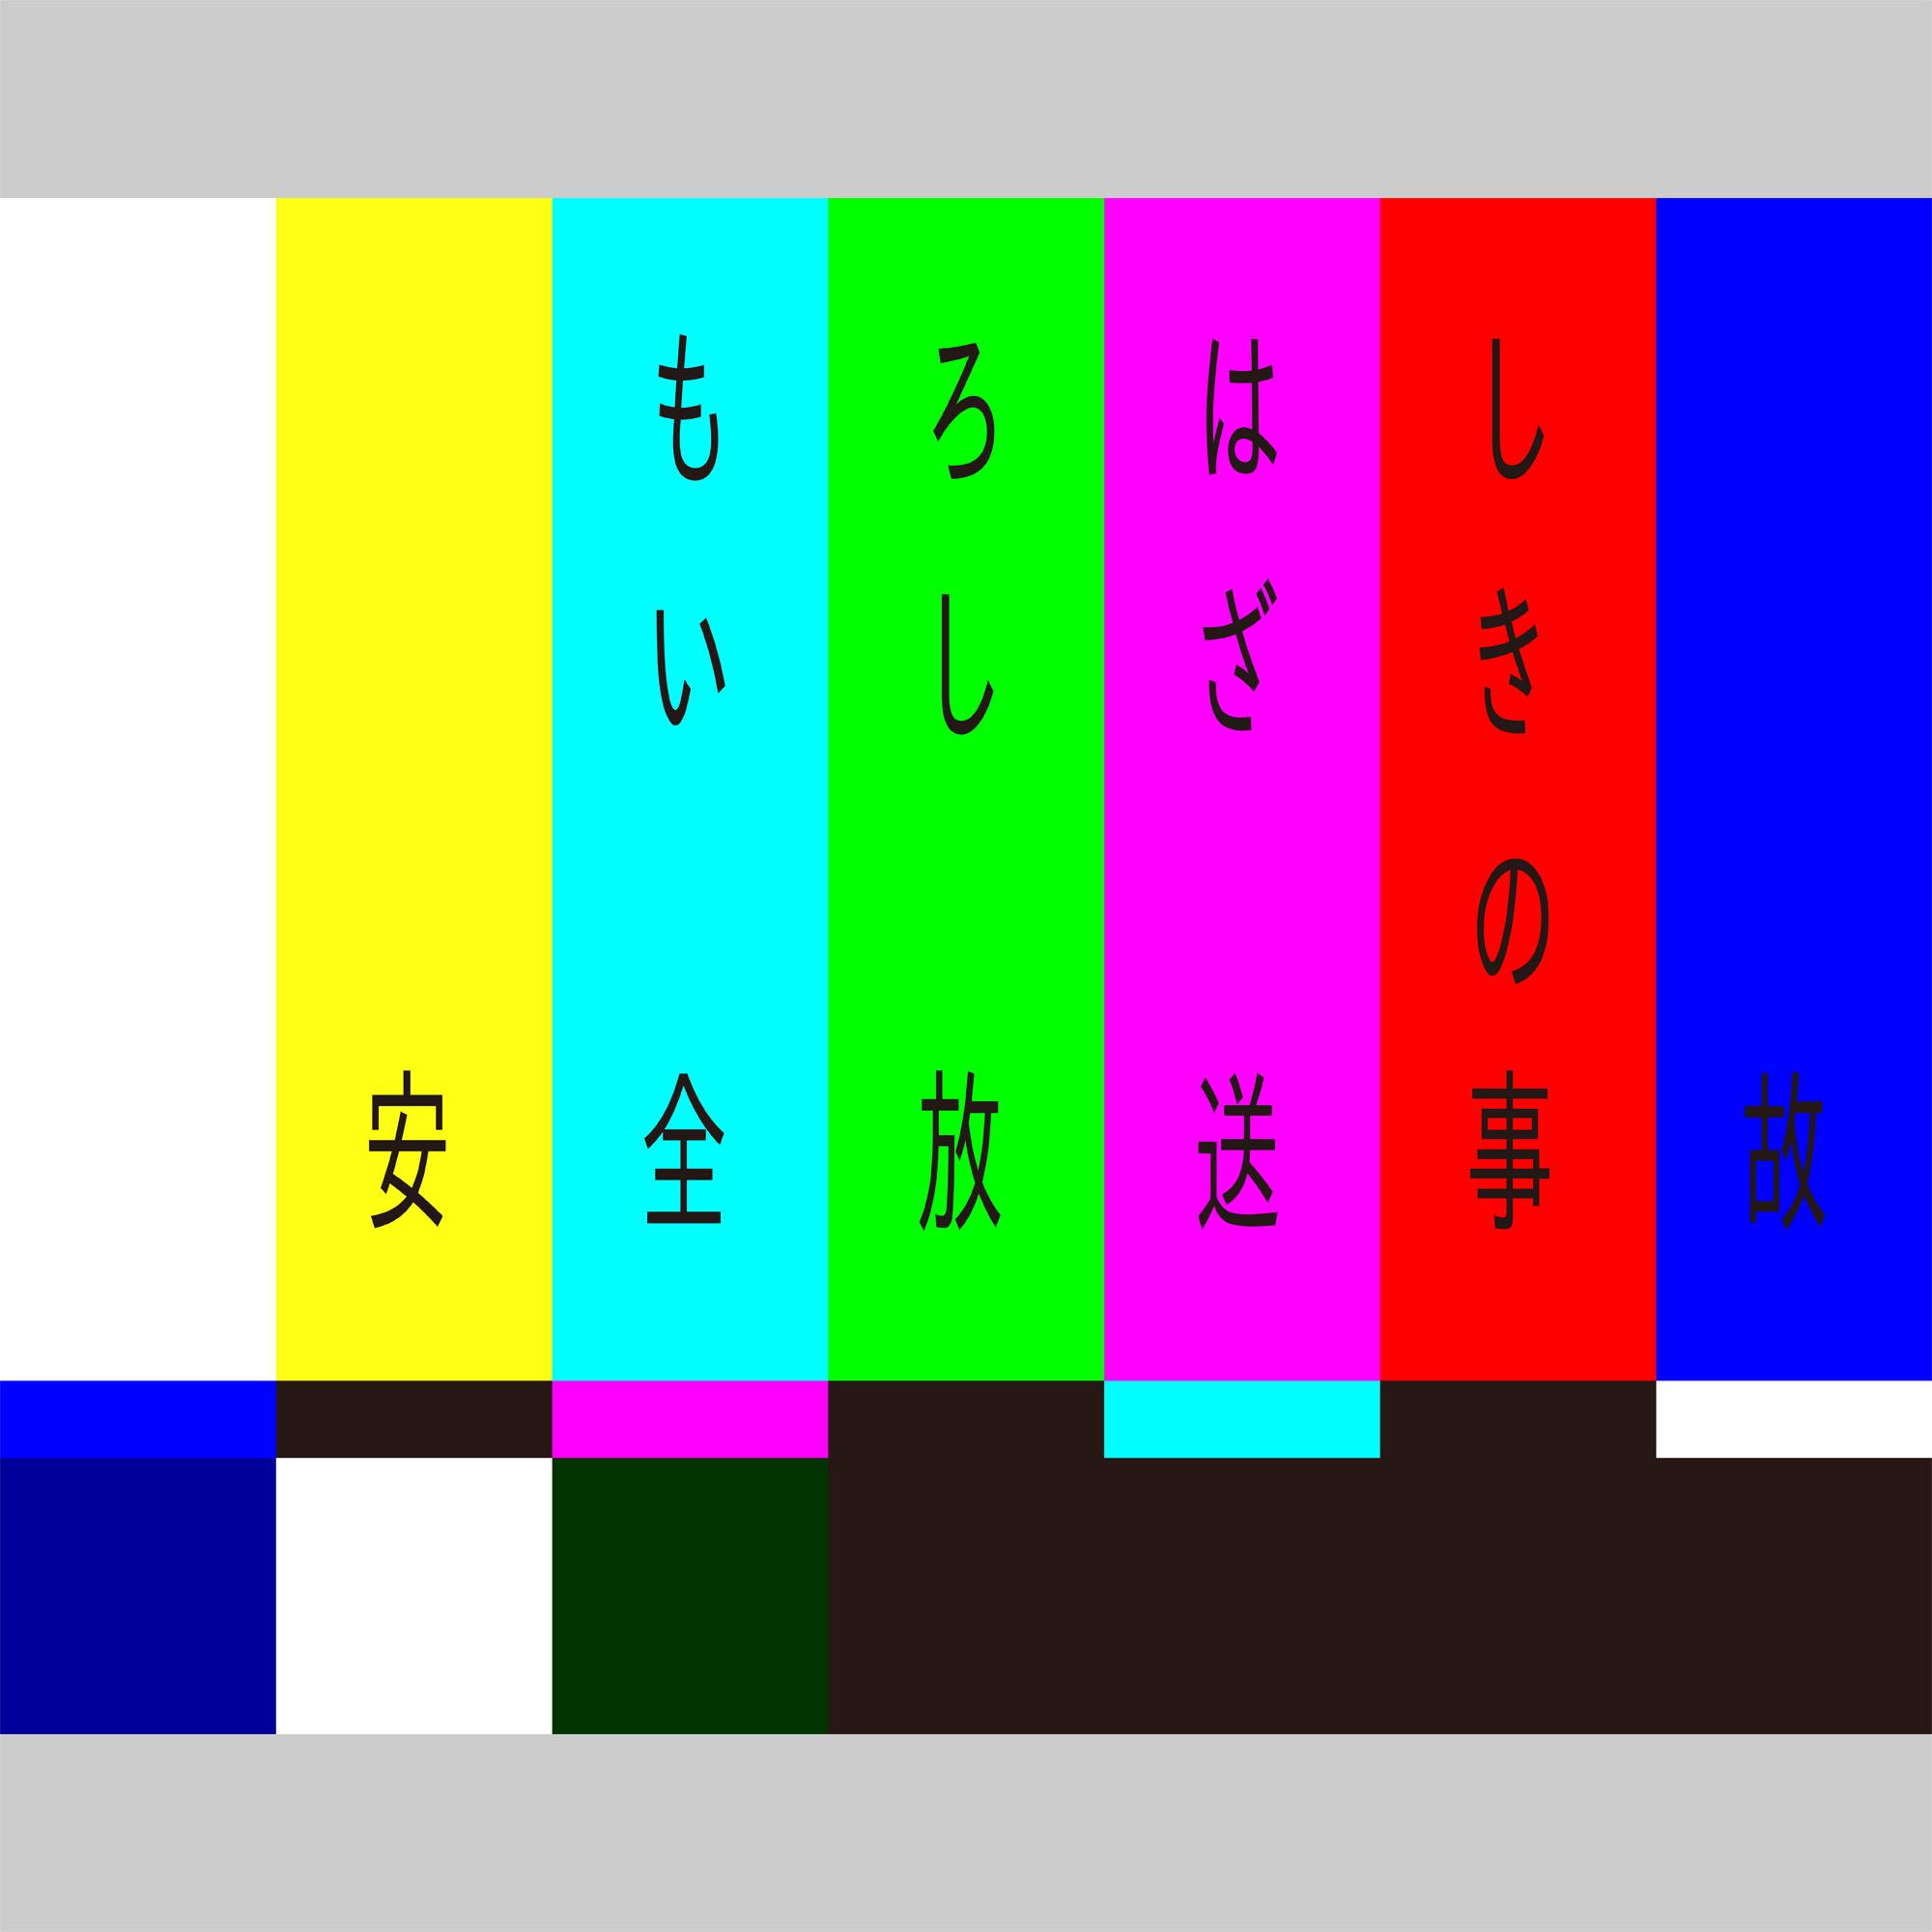 諸橋石崎の安全放送事故